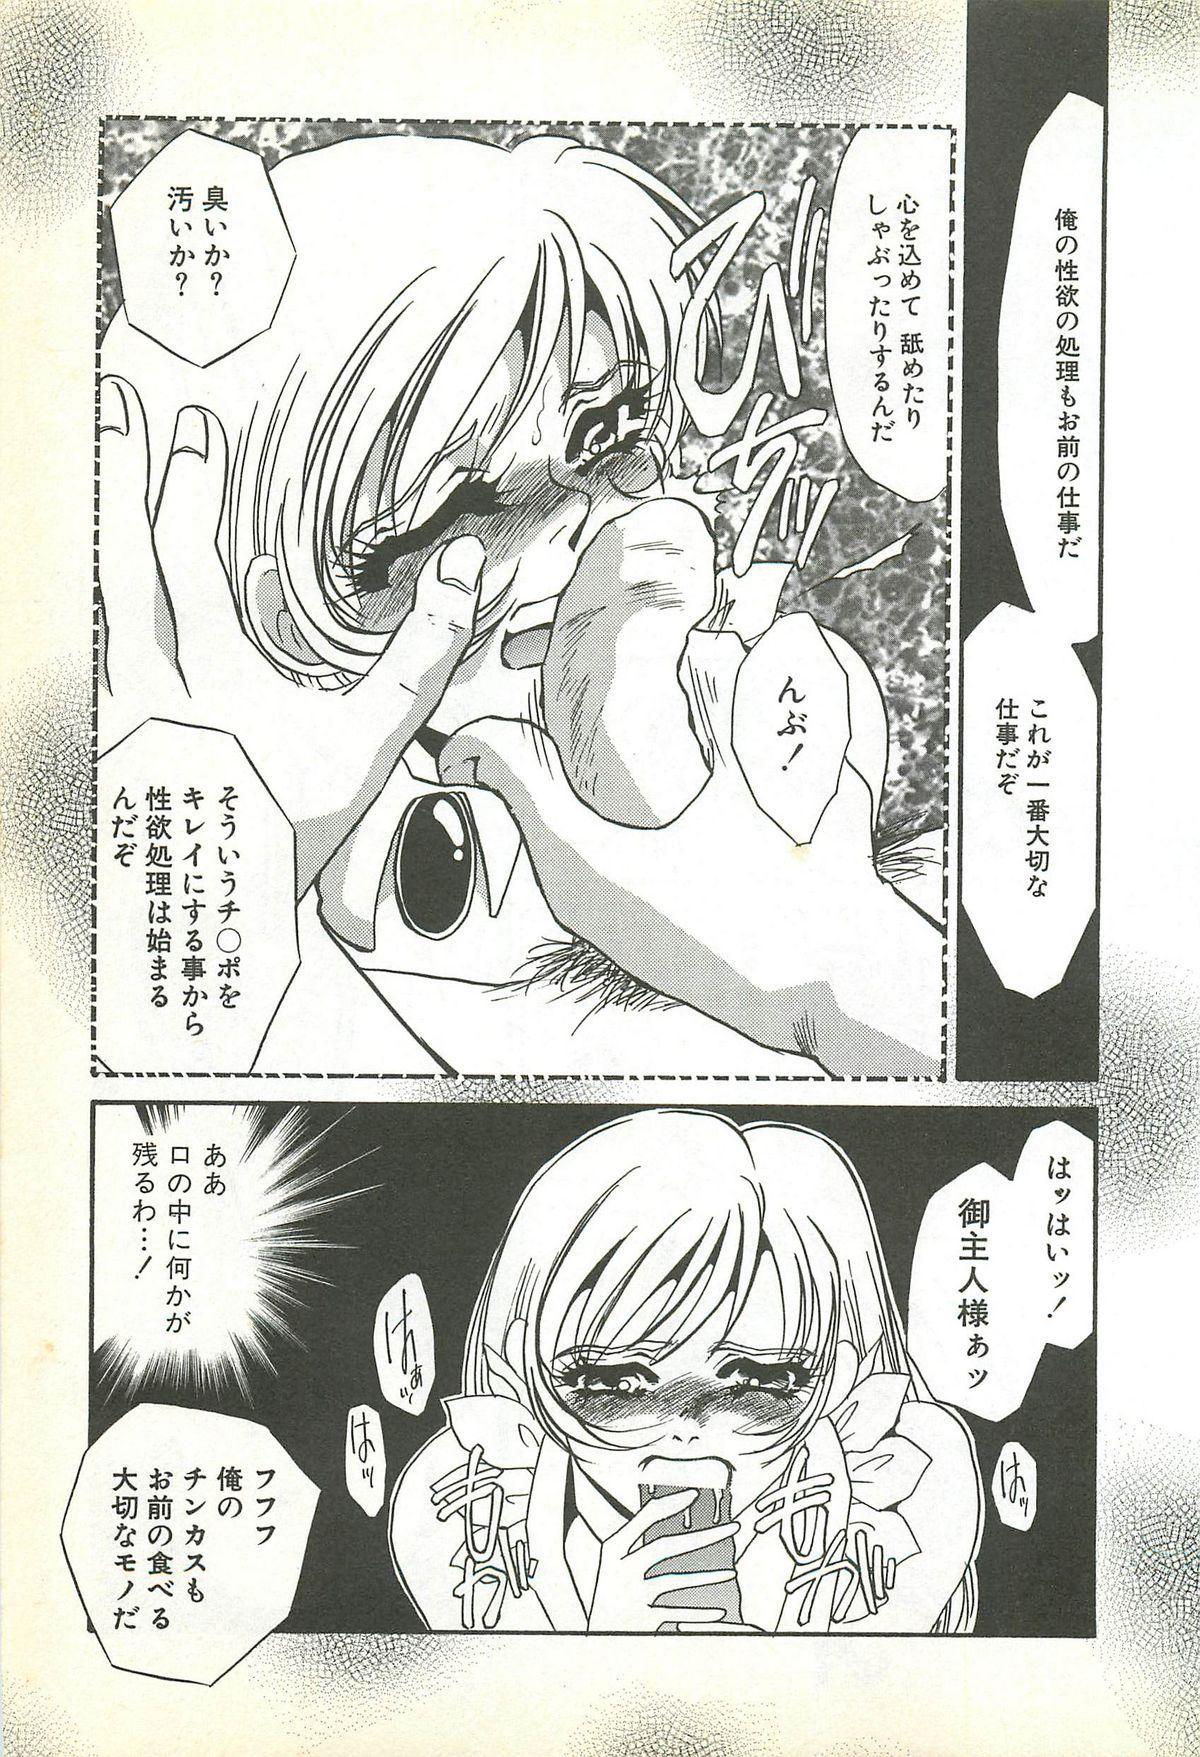 Chigyaku no Heya - A Shameful Punishment Room 7